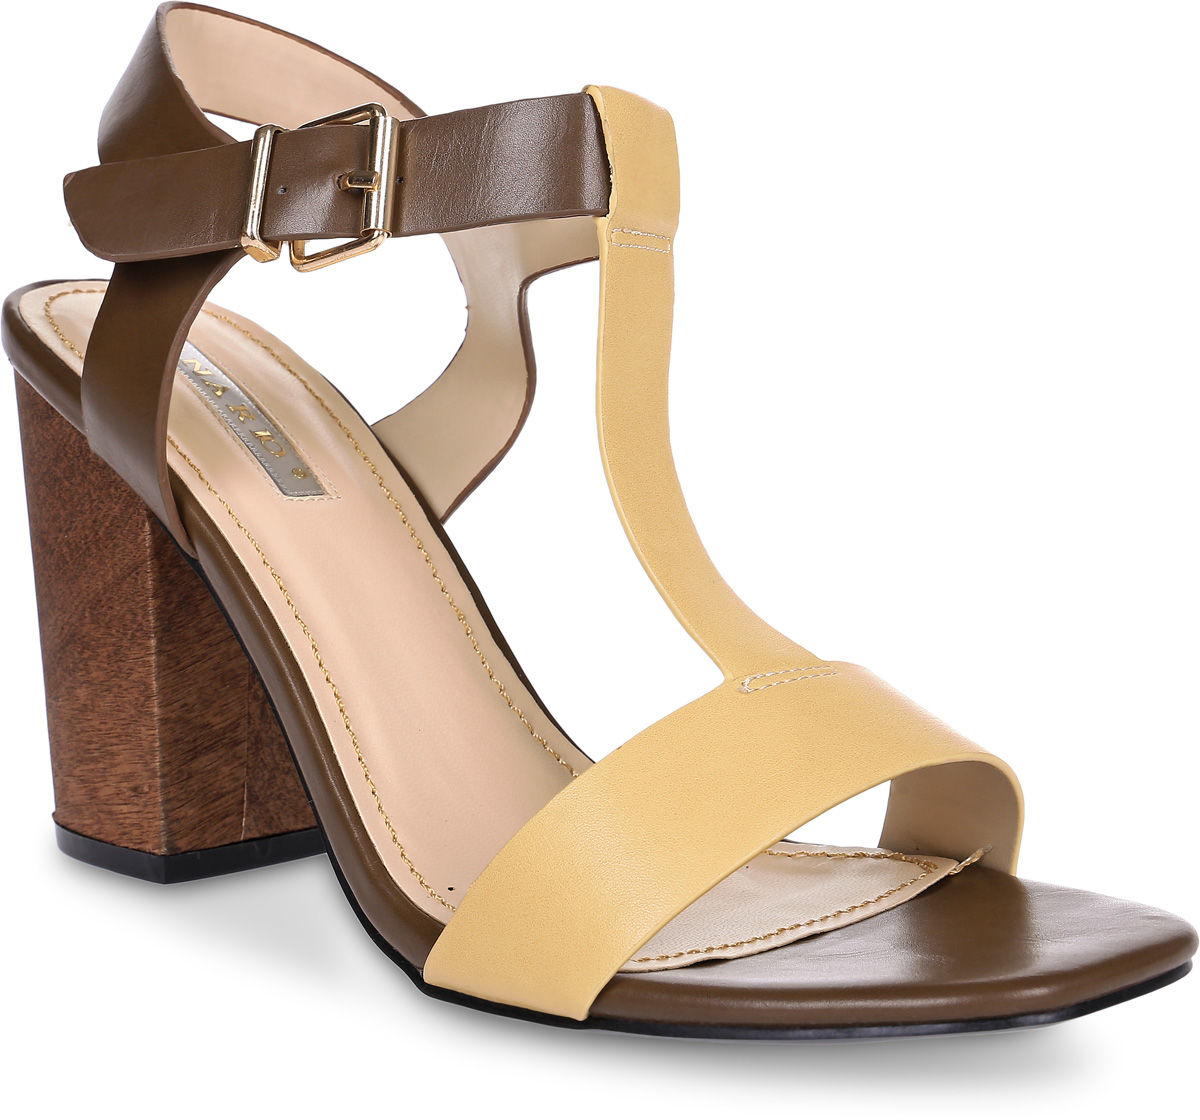 Босоножки Inario, цвет: коричневый, бежевый. 17044-02-18. Размер 3717044-02-18Босоножки Inario выполнены из искусственной кожи. Модель фиксируется на ноге при помощи ремешка на пряжке. Внутренняя поверхность и стелька из искусственной кожи создают комфорт при движении. Подошва выполнена из прочного полимерного материала. Модель имеет устойчивый каблук-столбик с декором под дерево.